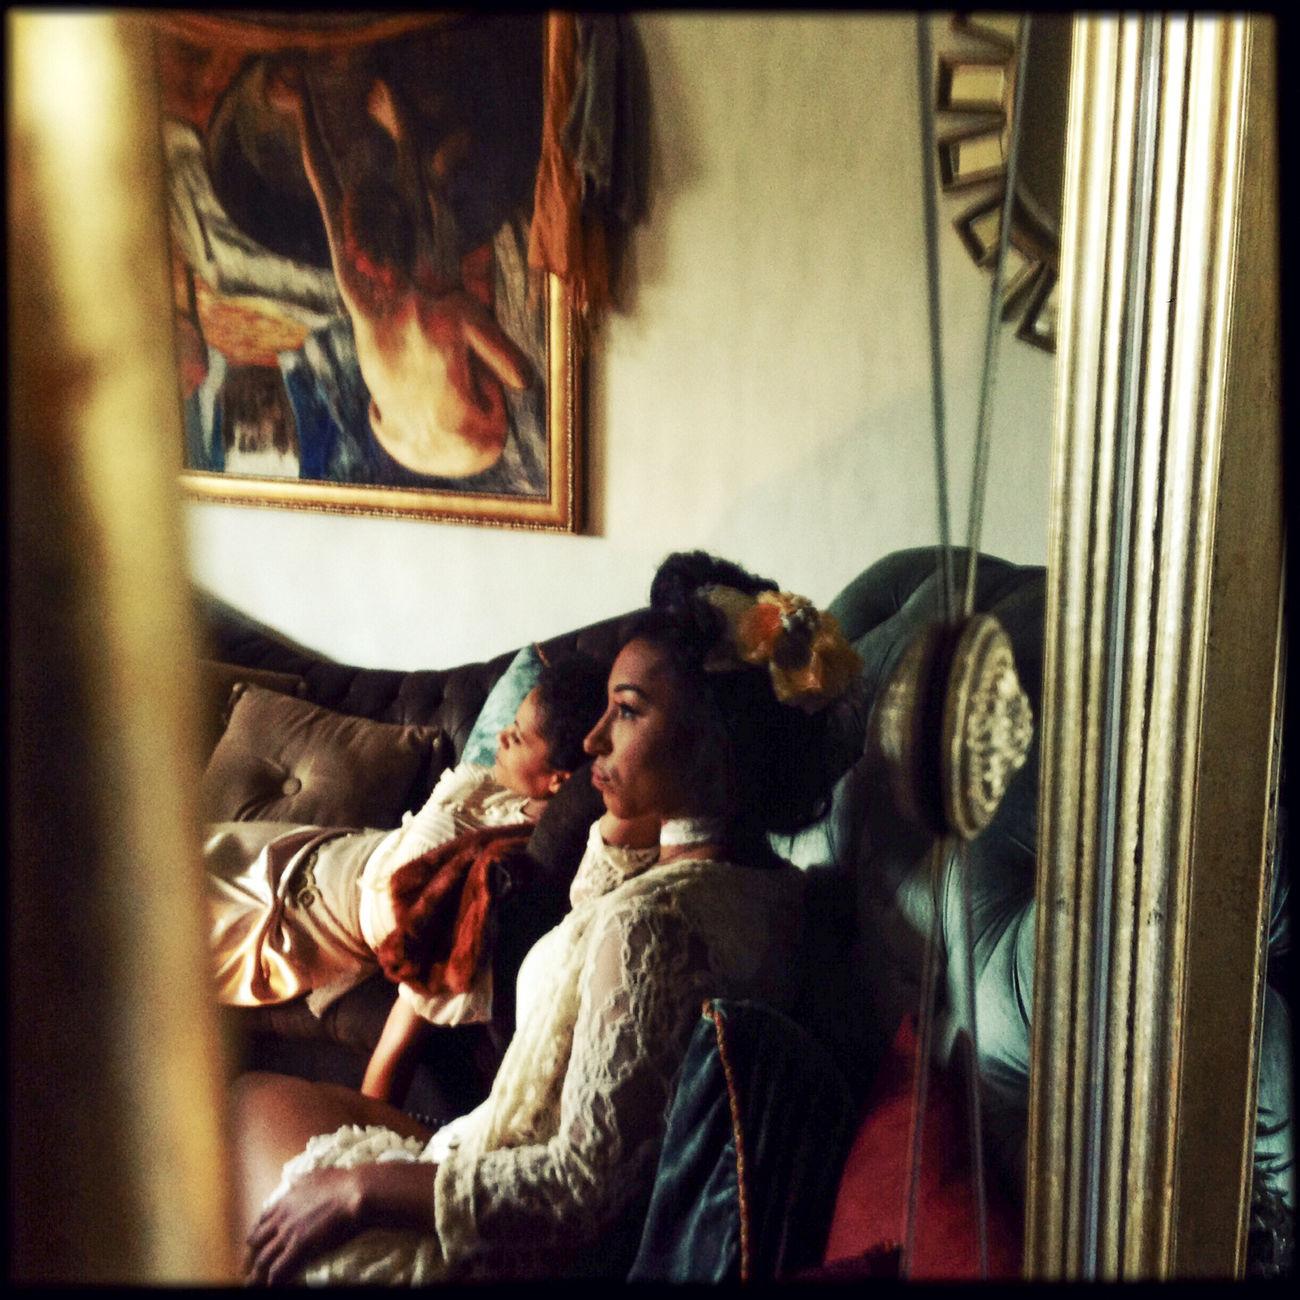 Reflection Fashion Photography Indoors  Mirror Portrait Reflection Reflections Square The Portraitist - 20I6 EyeEm Awards